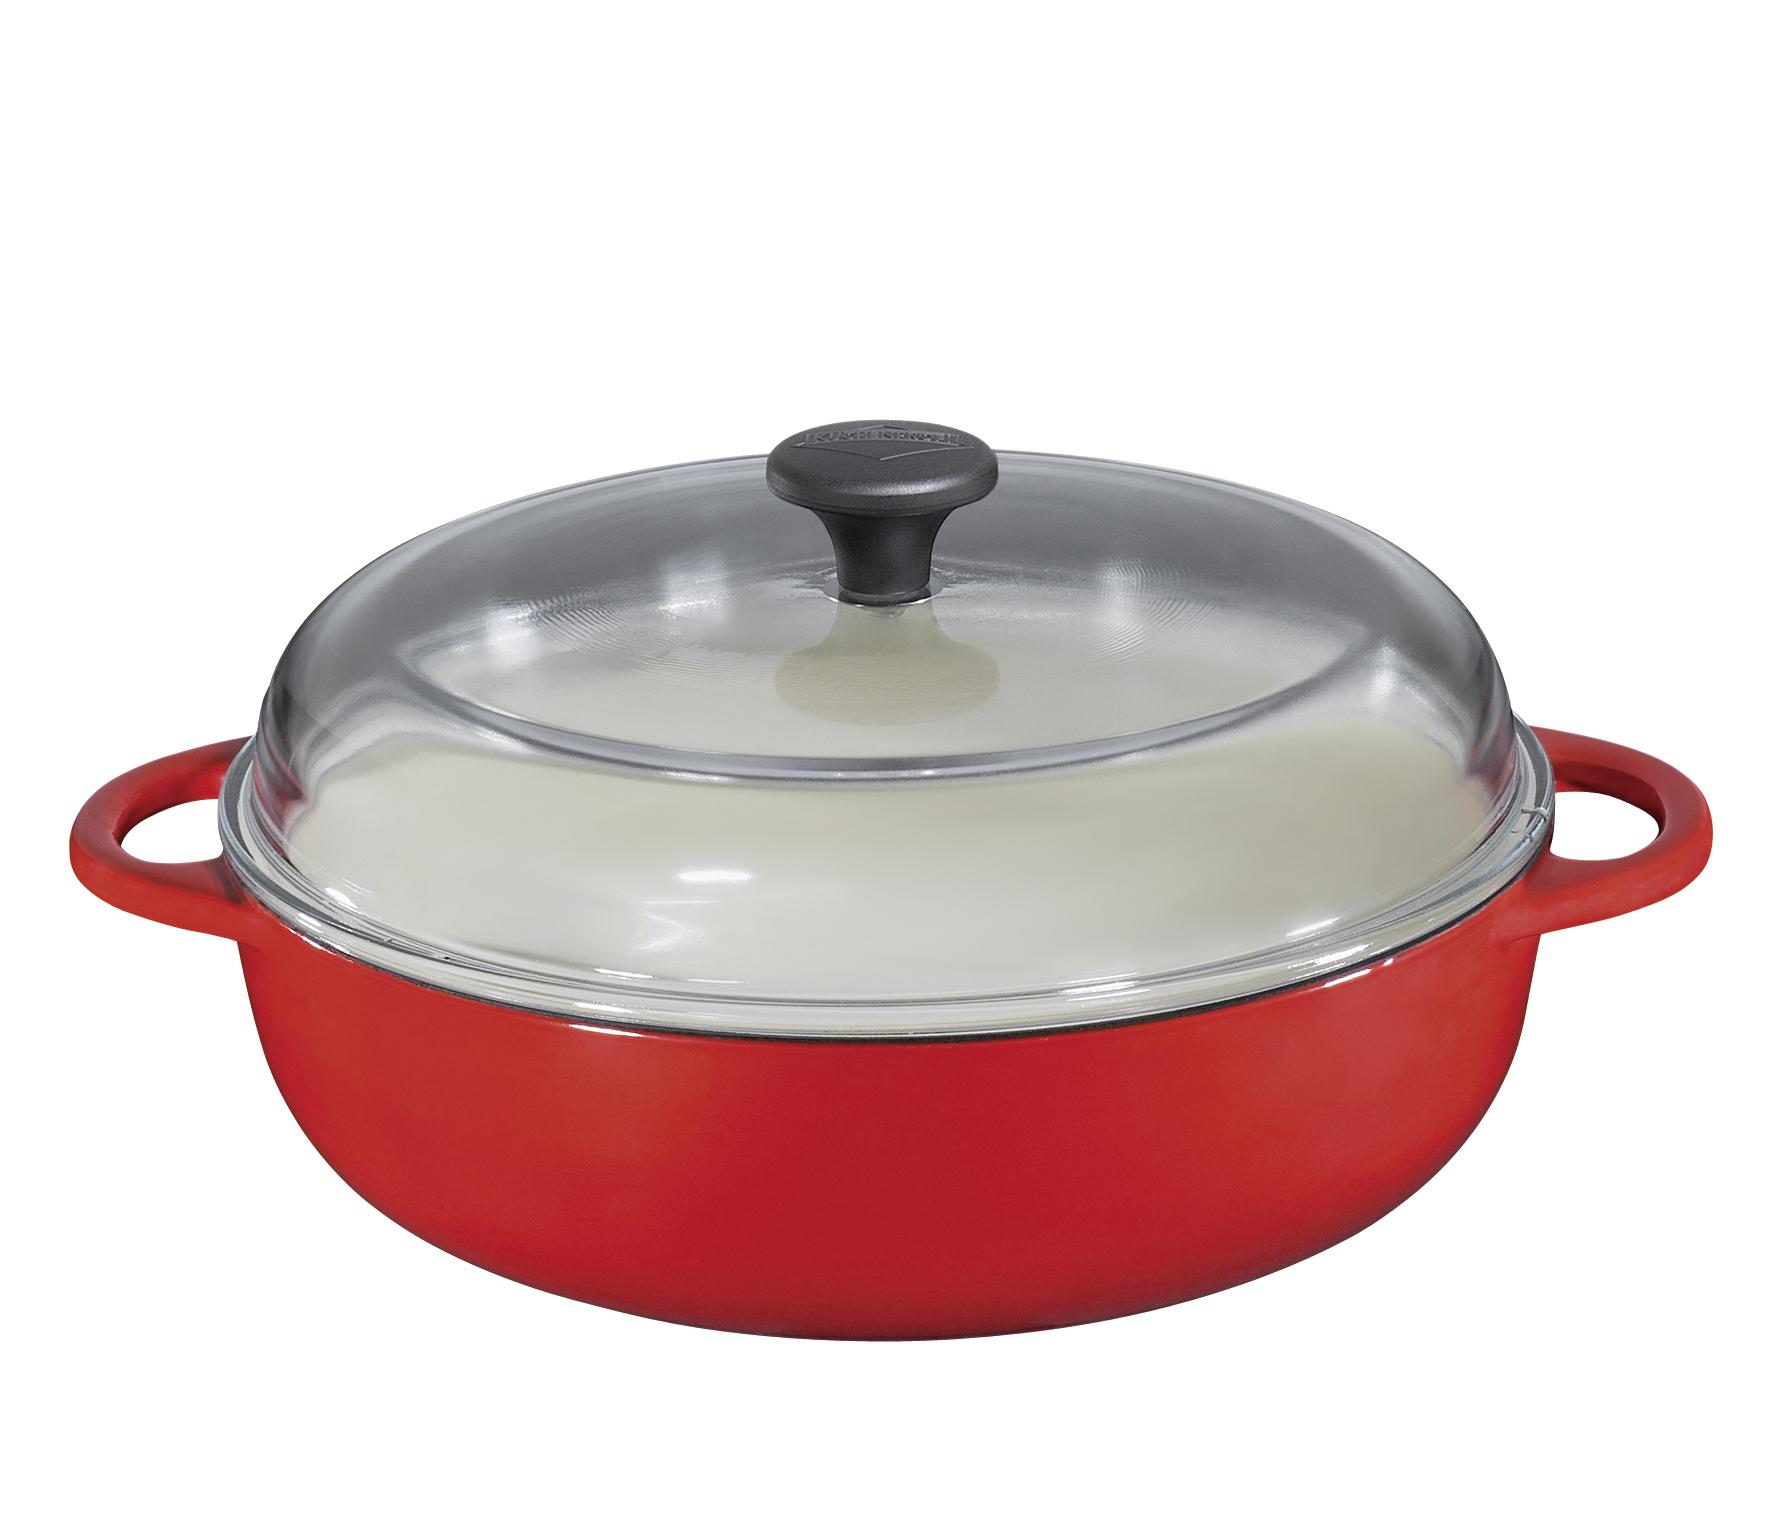 Küchenprofi Provence Farmářská pánev 24 cm červená